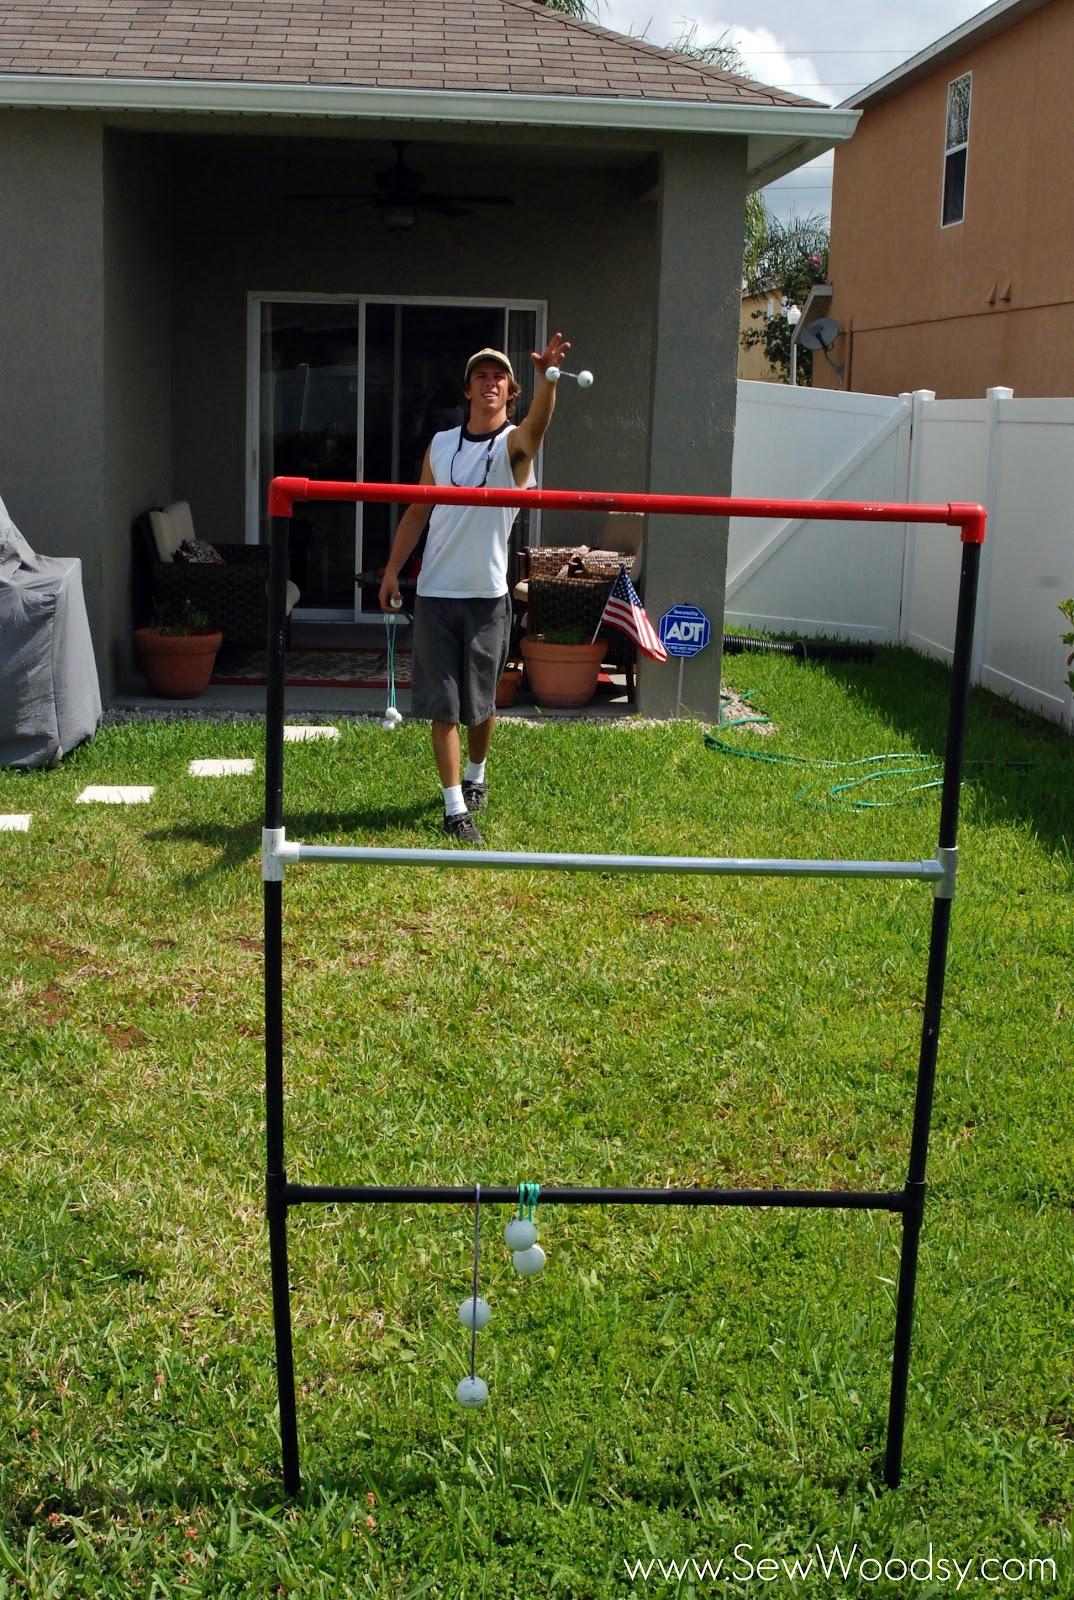 DIY Ladder Golf Game created by SewWoodsy.com #DIY #SummerGames